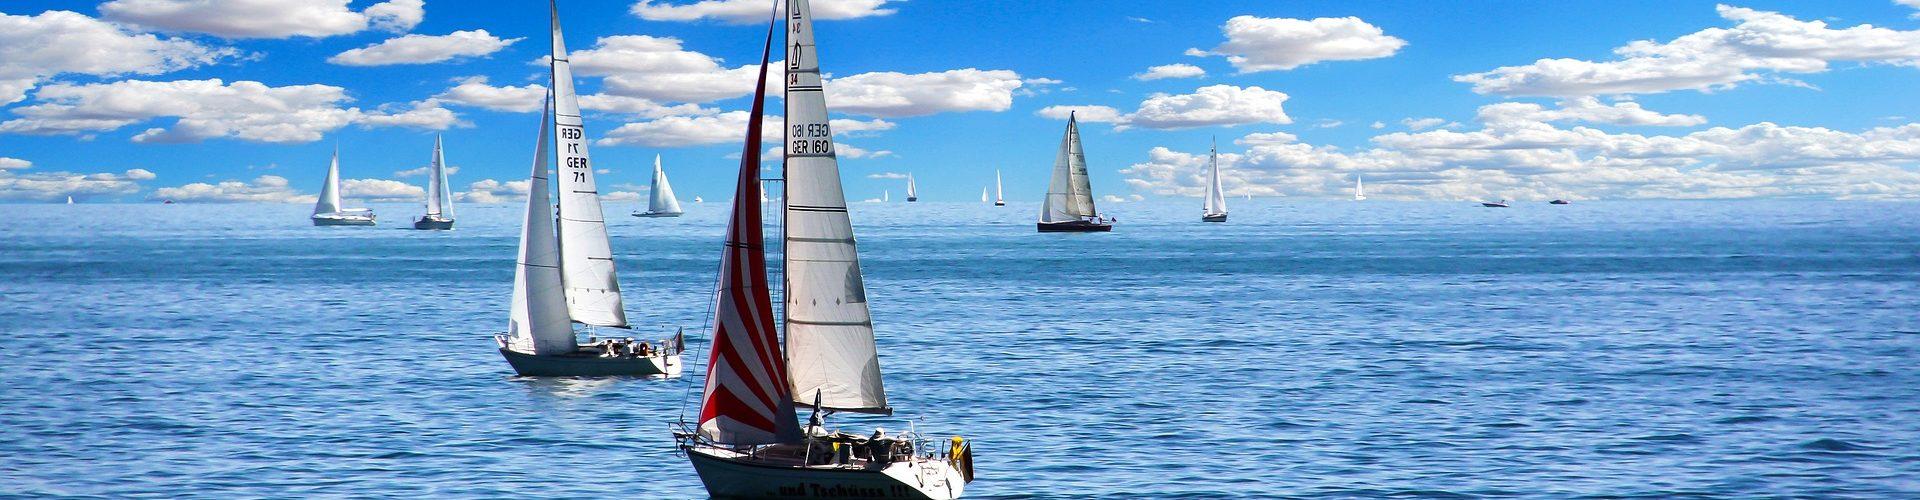 segeln lernen in Balingen segelschein machen in Balingen 1920x500 - Segeln lernen in Balingen